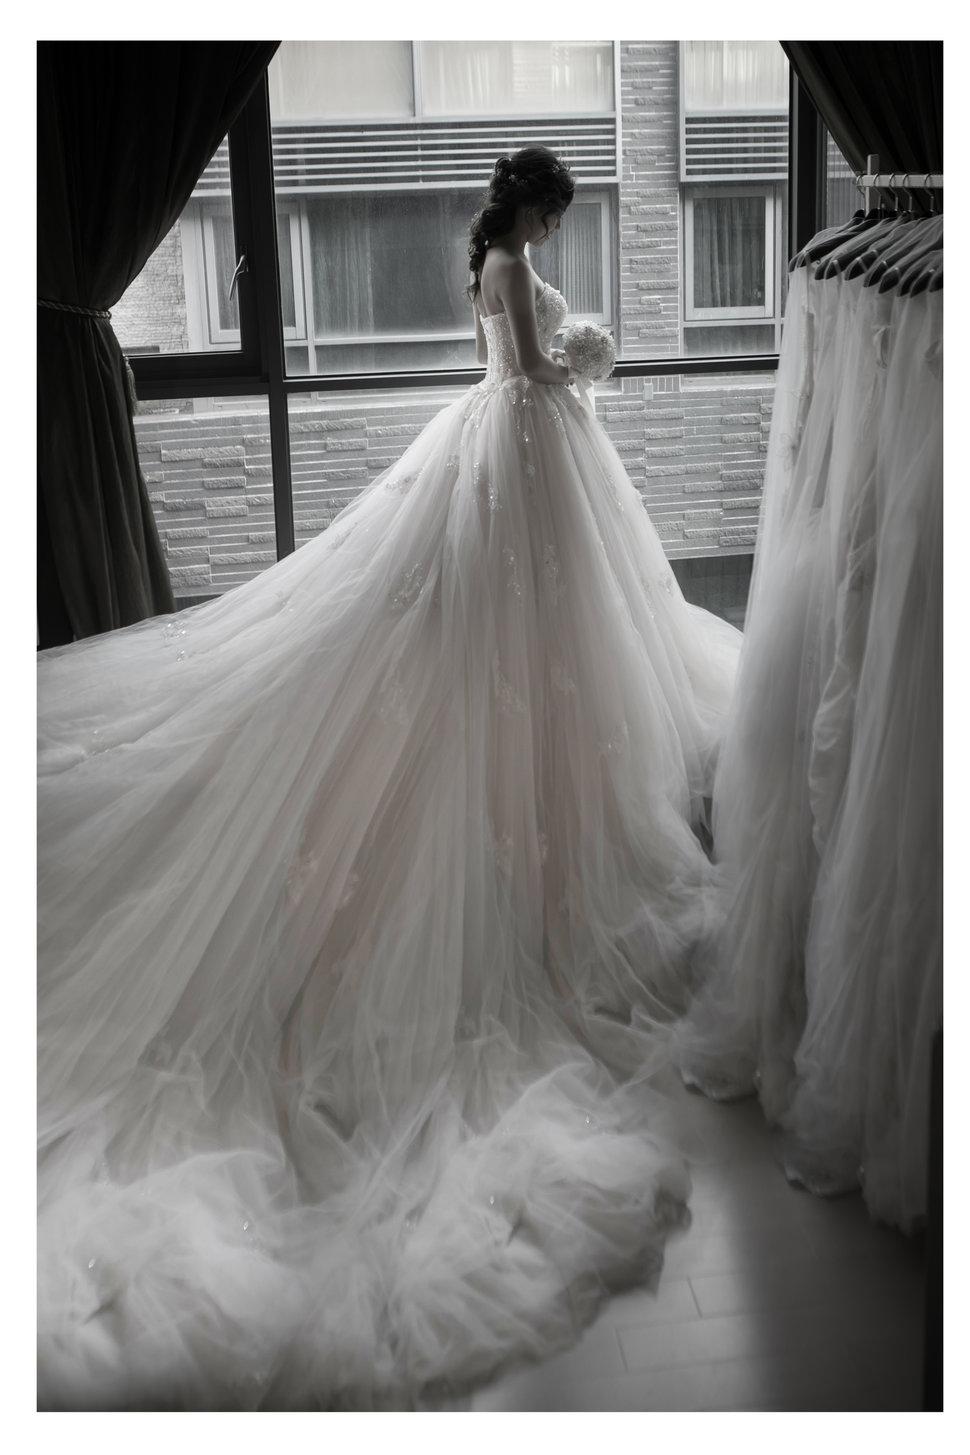 09 - 台中2號出口婚紗攝影工作室 - 結婚吧